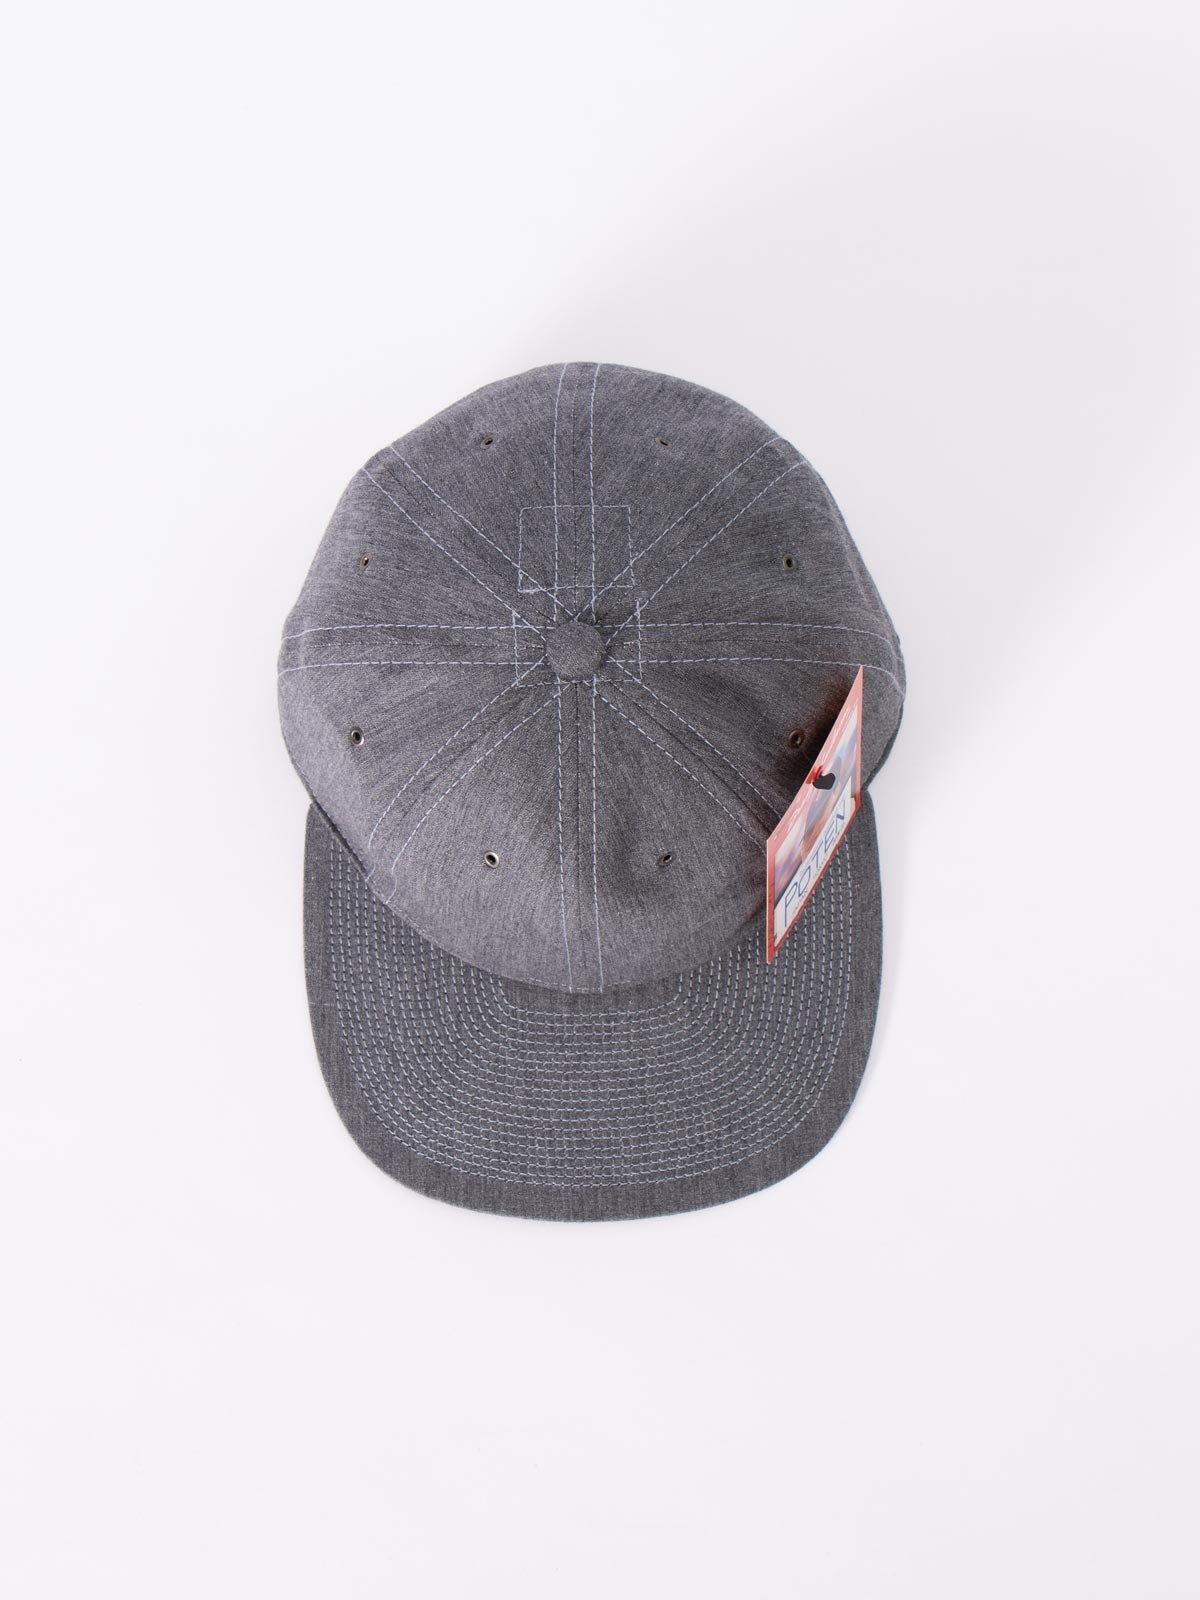 GREY COTTON LINEN CAP - Image 3